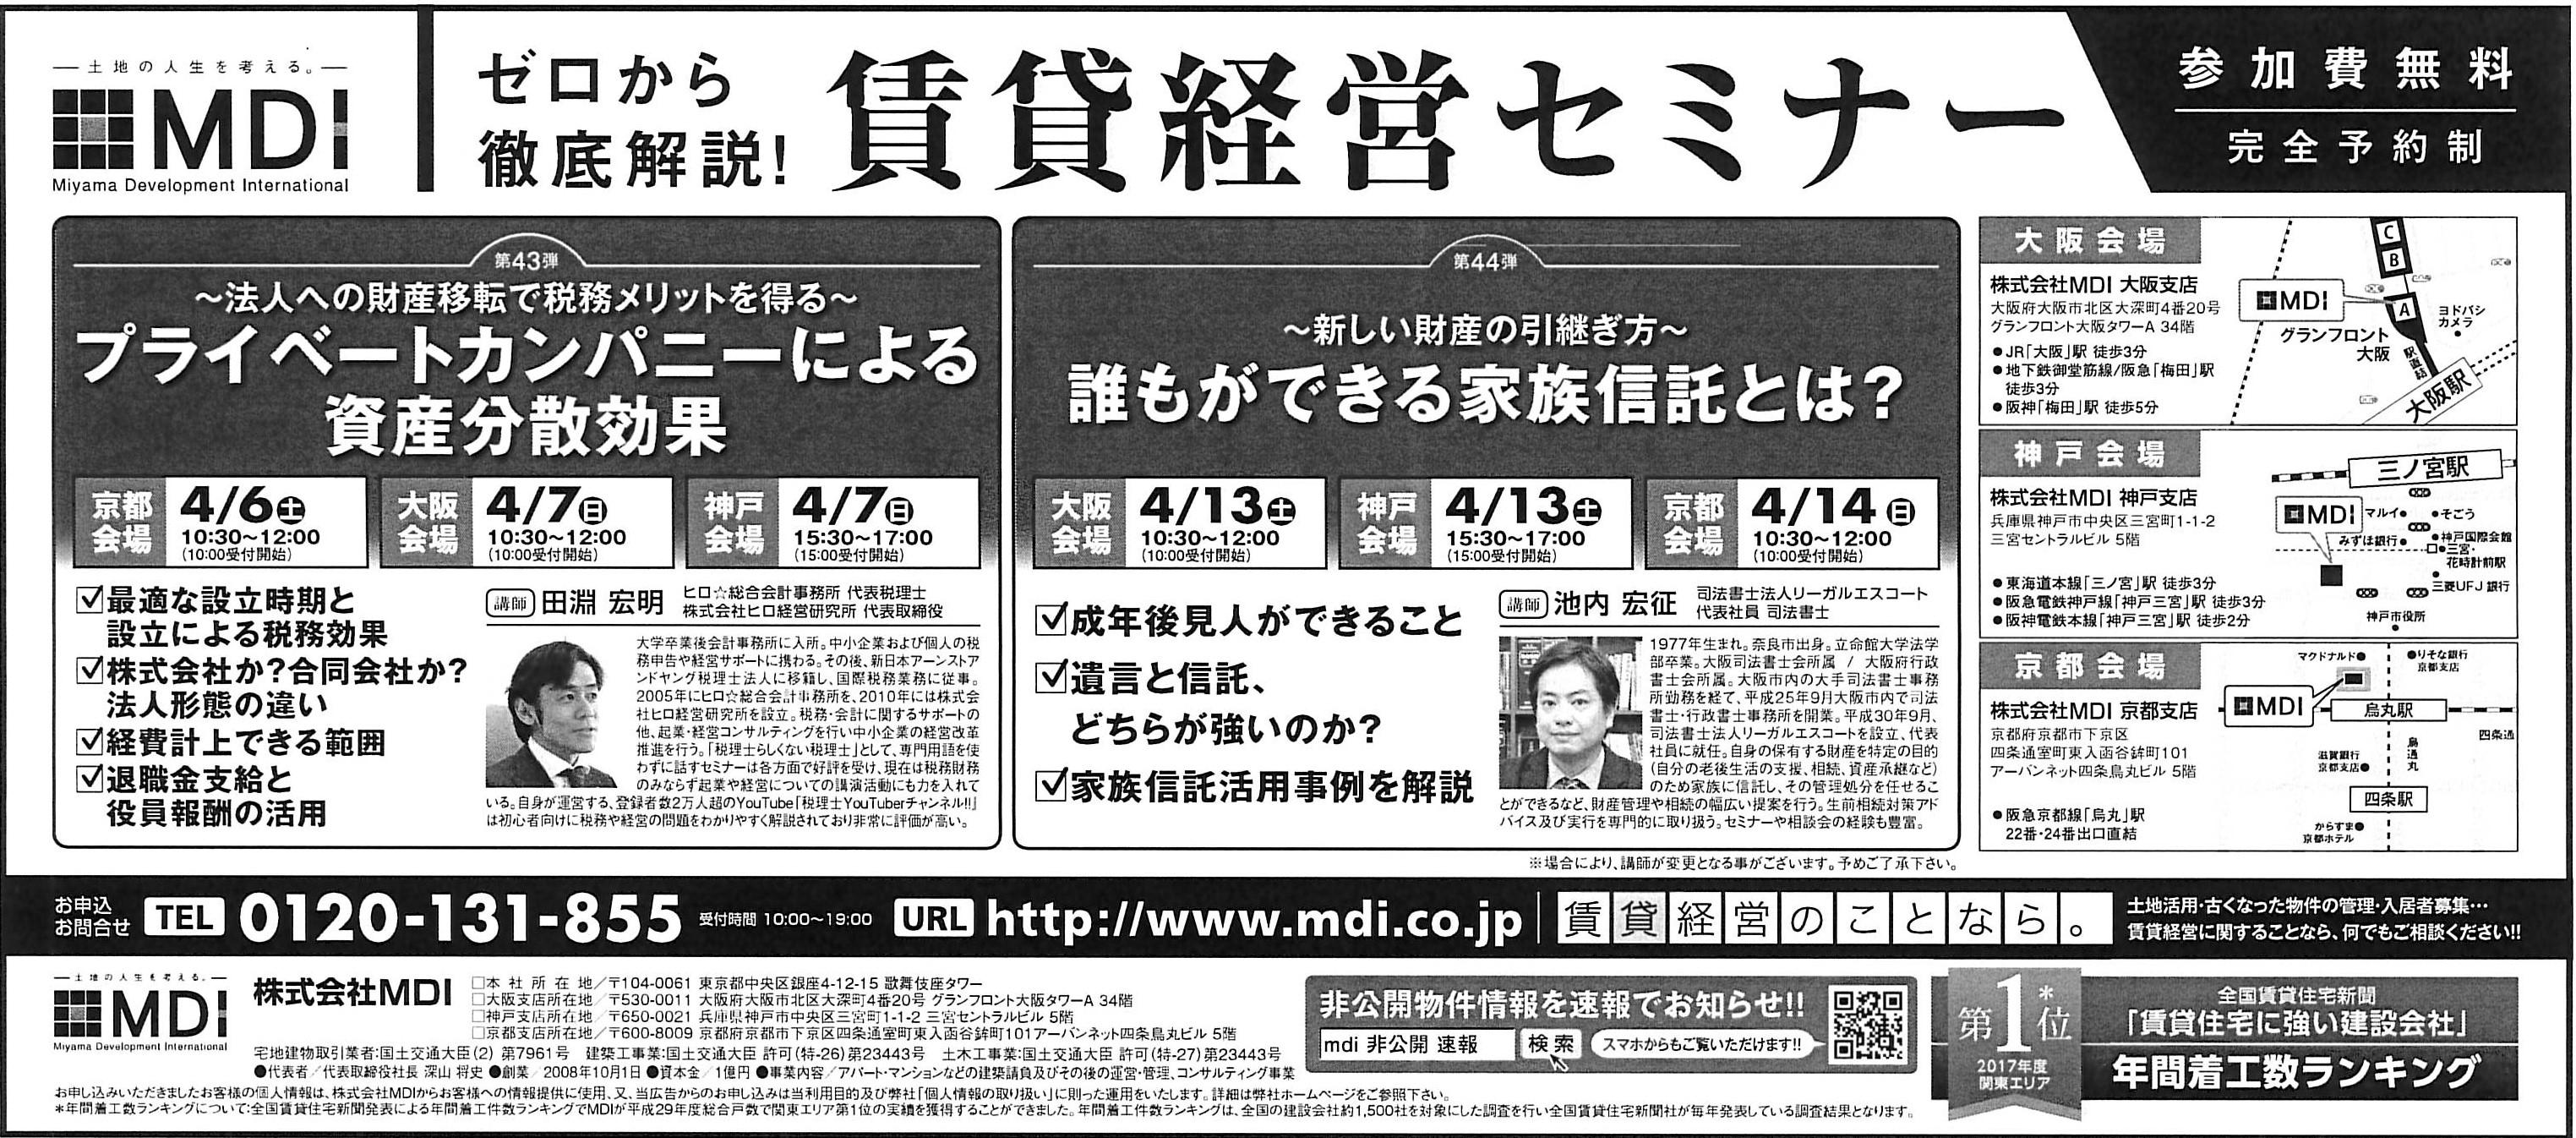 2019年3月30日日経新聞に掲載されました。